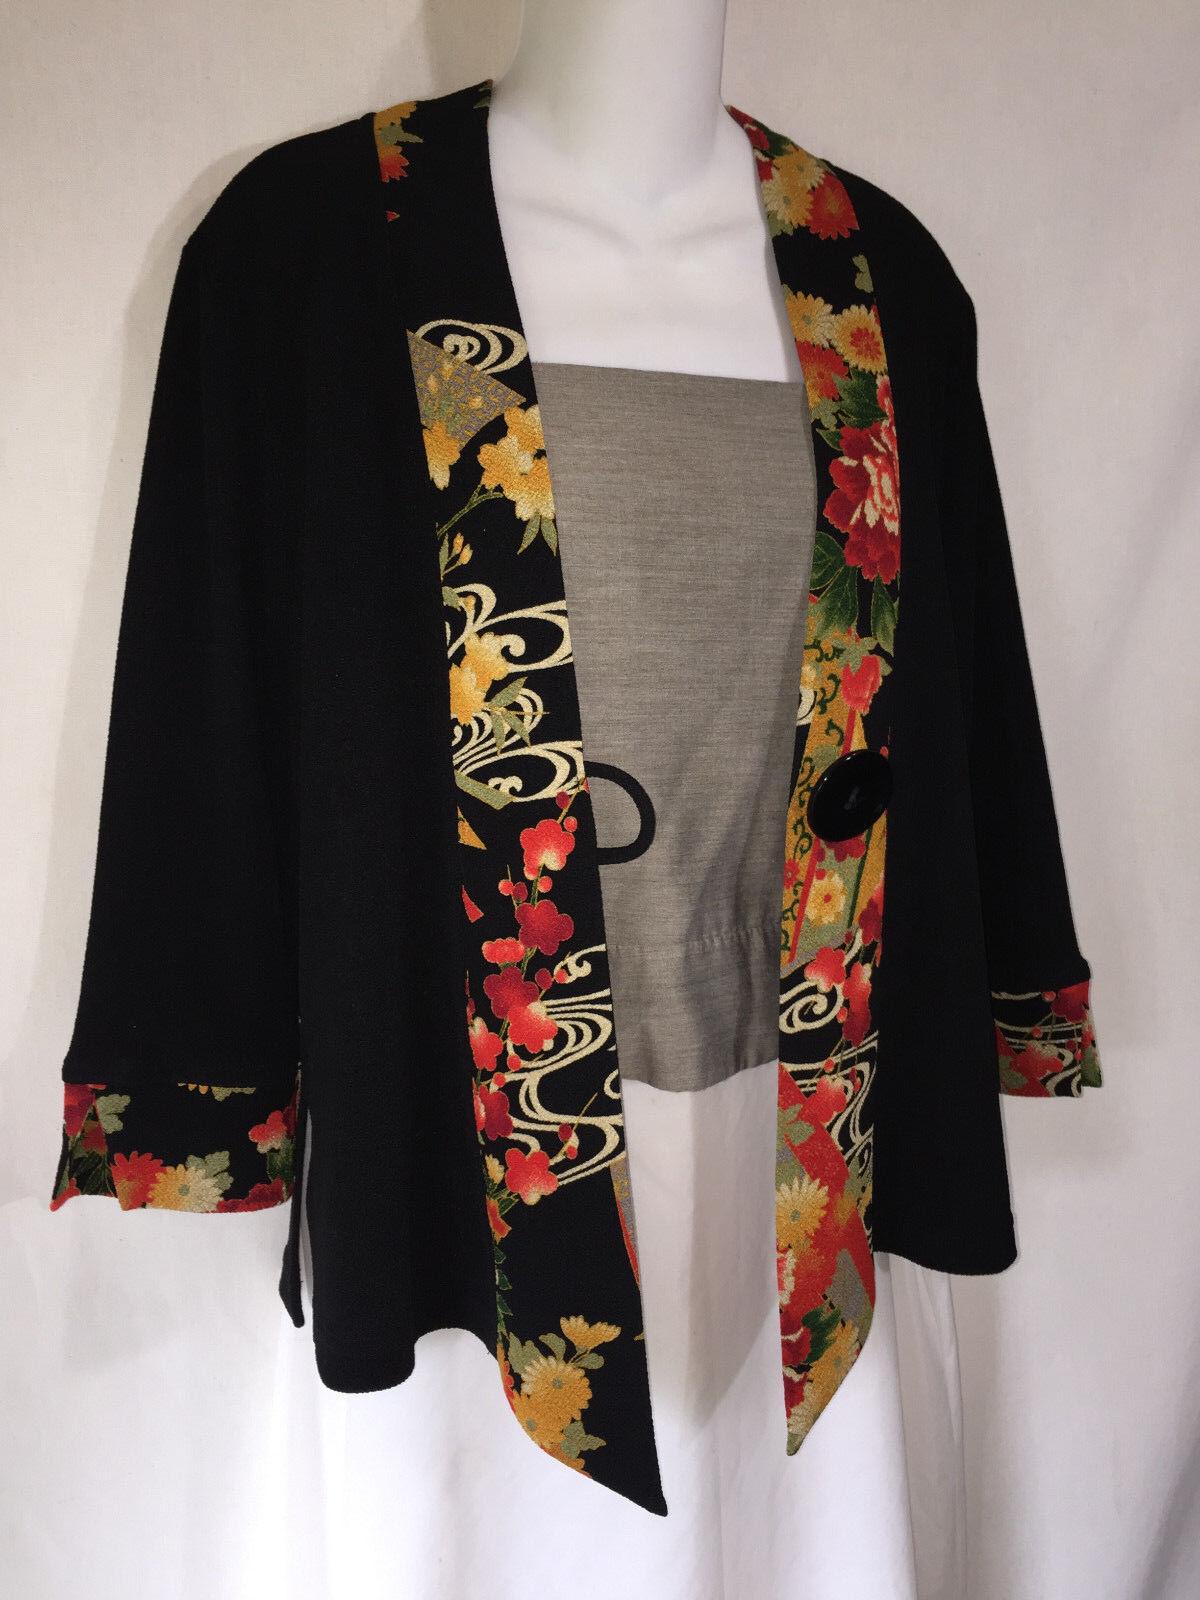 Soft Surroundings Negro  Arte para llevar rojo Floral Kimono Chaqueta Top Camiseta XS asiático  bajo precio del 40%